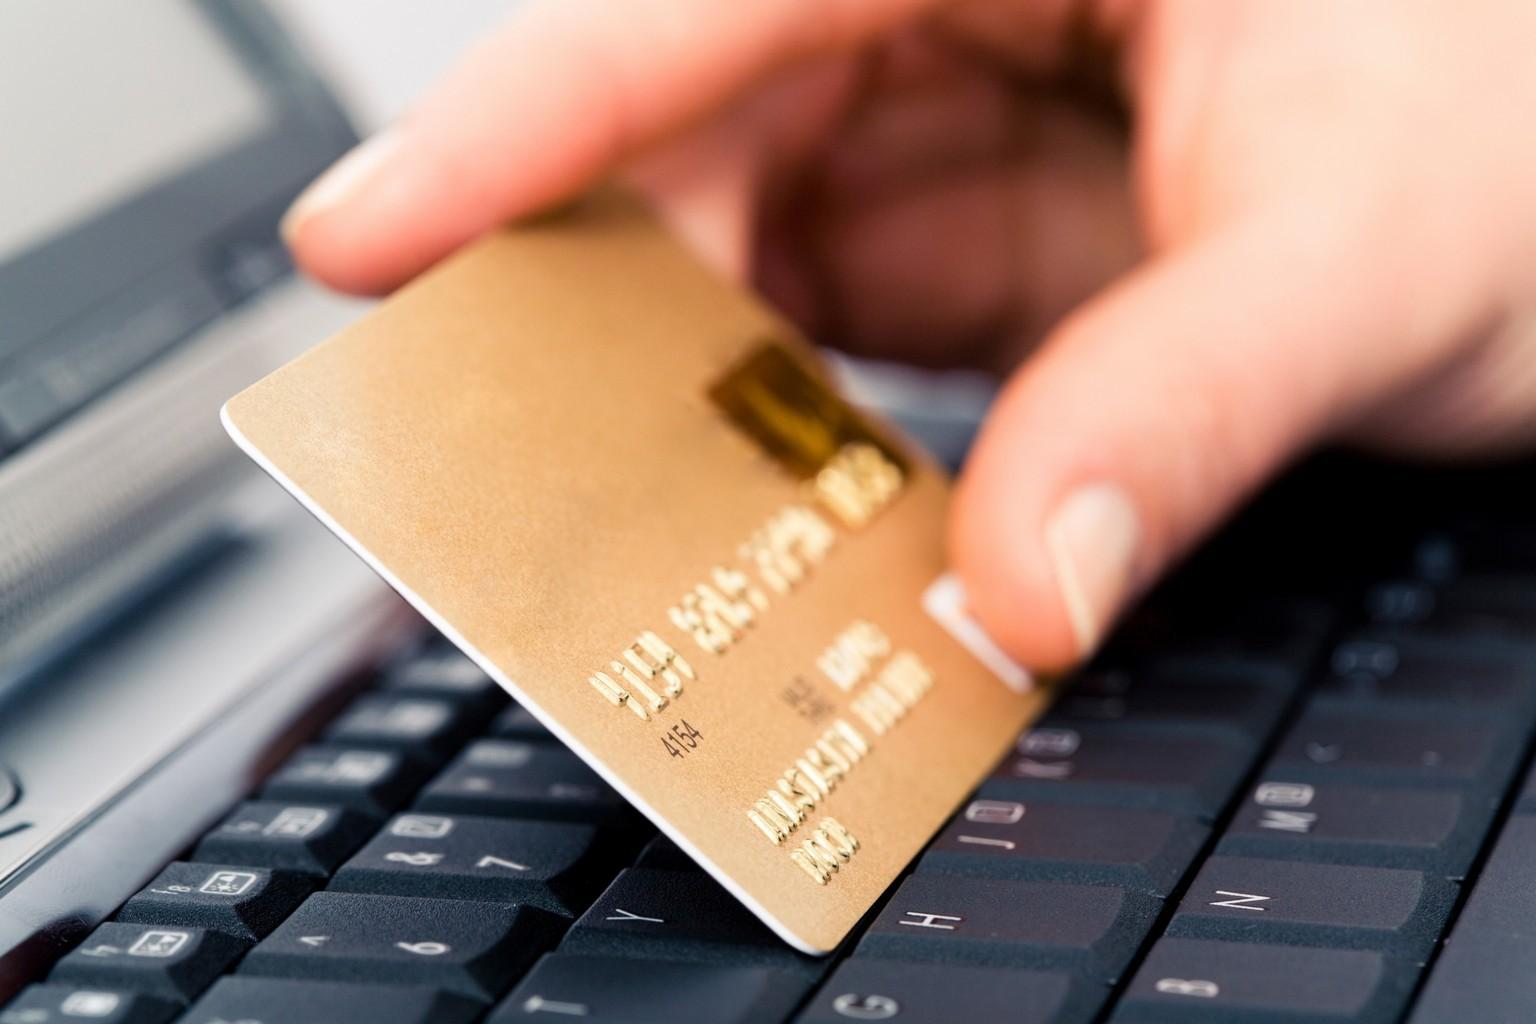 Нацбанк: Доля мошеннических операций с картами уменьшается